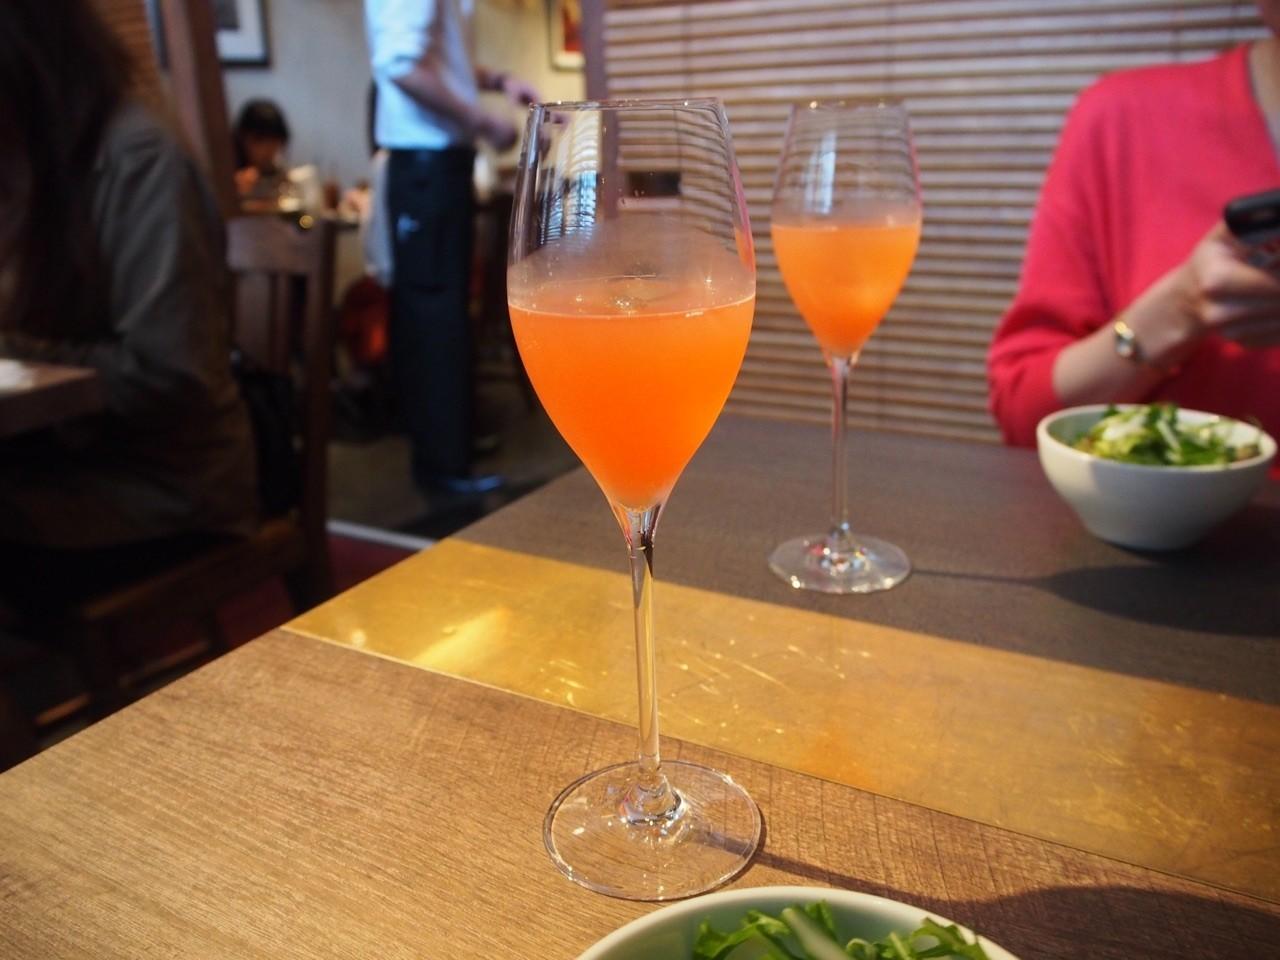 葡萄柚餐前酒